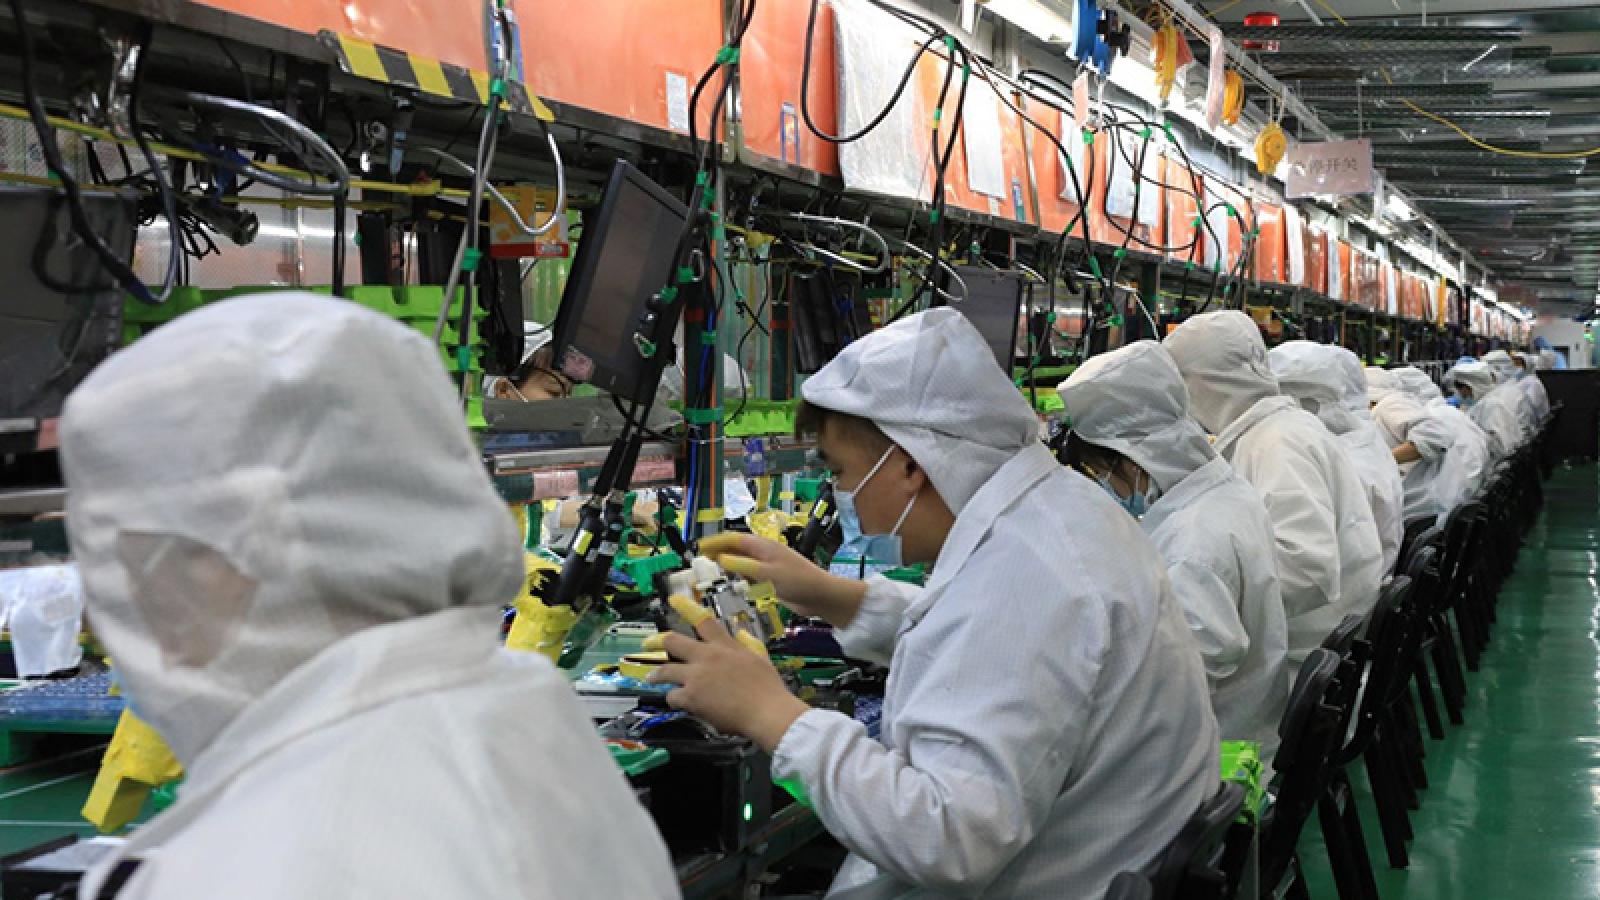 Khủng hoảng năng lượng tại Trung Quốc khiến nhiều ông lớn đau đầu